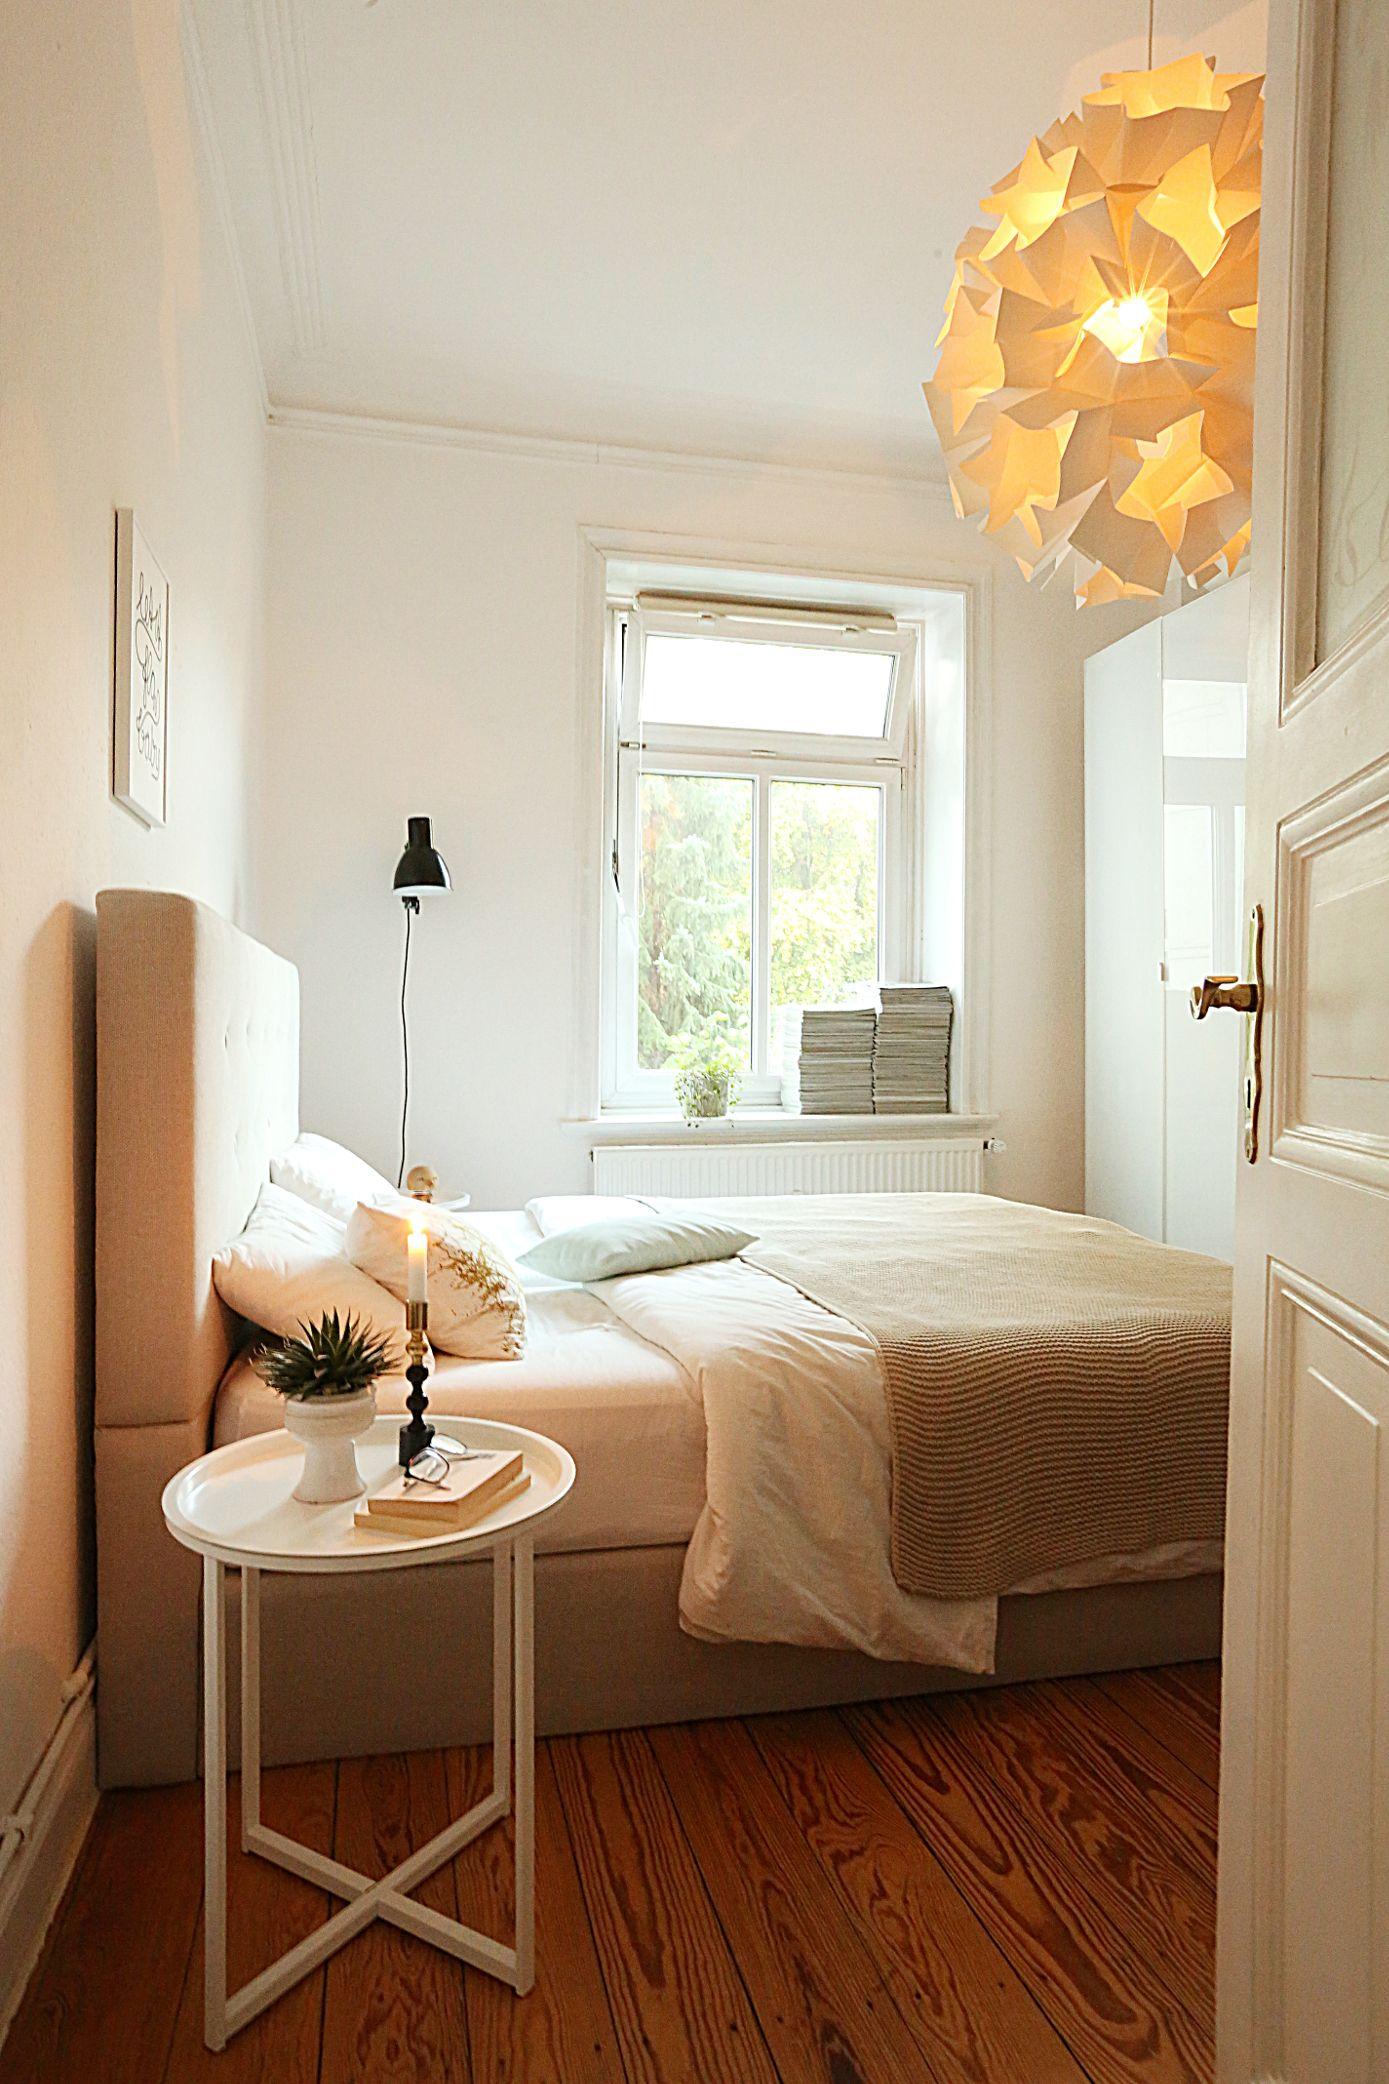 Schlafzimmer Hamburg Altbau Ikea Interior Wohnen Einrichtung